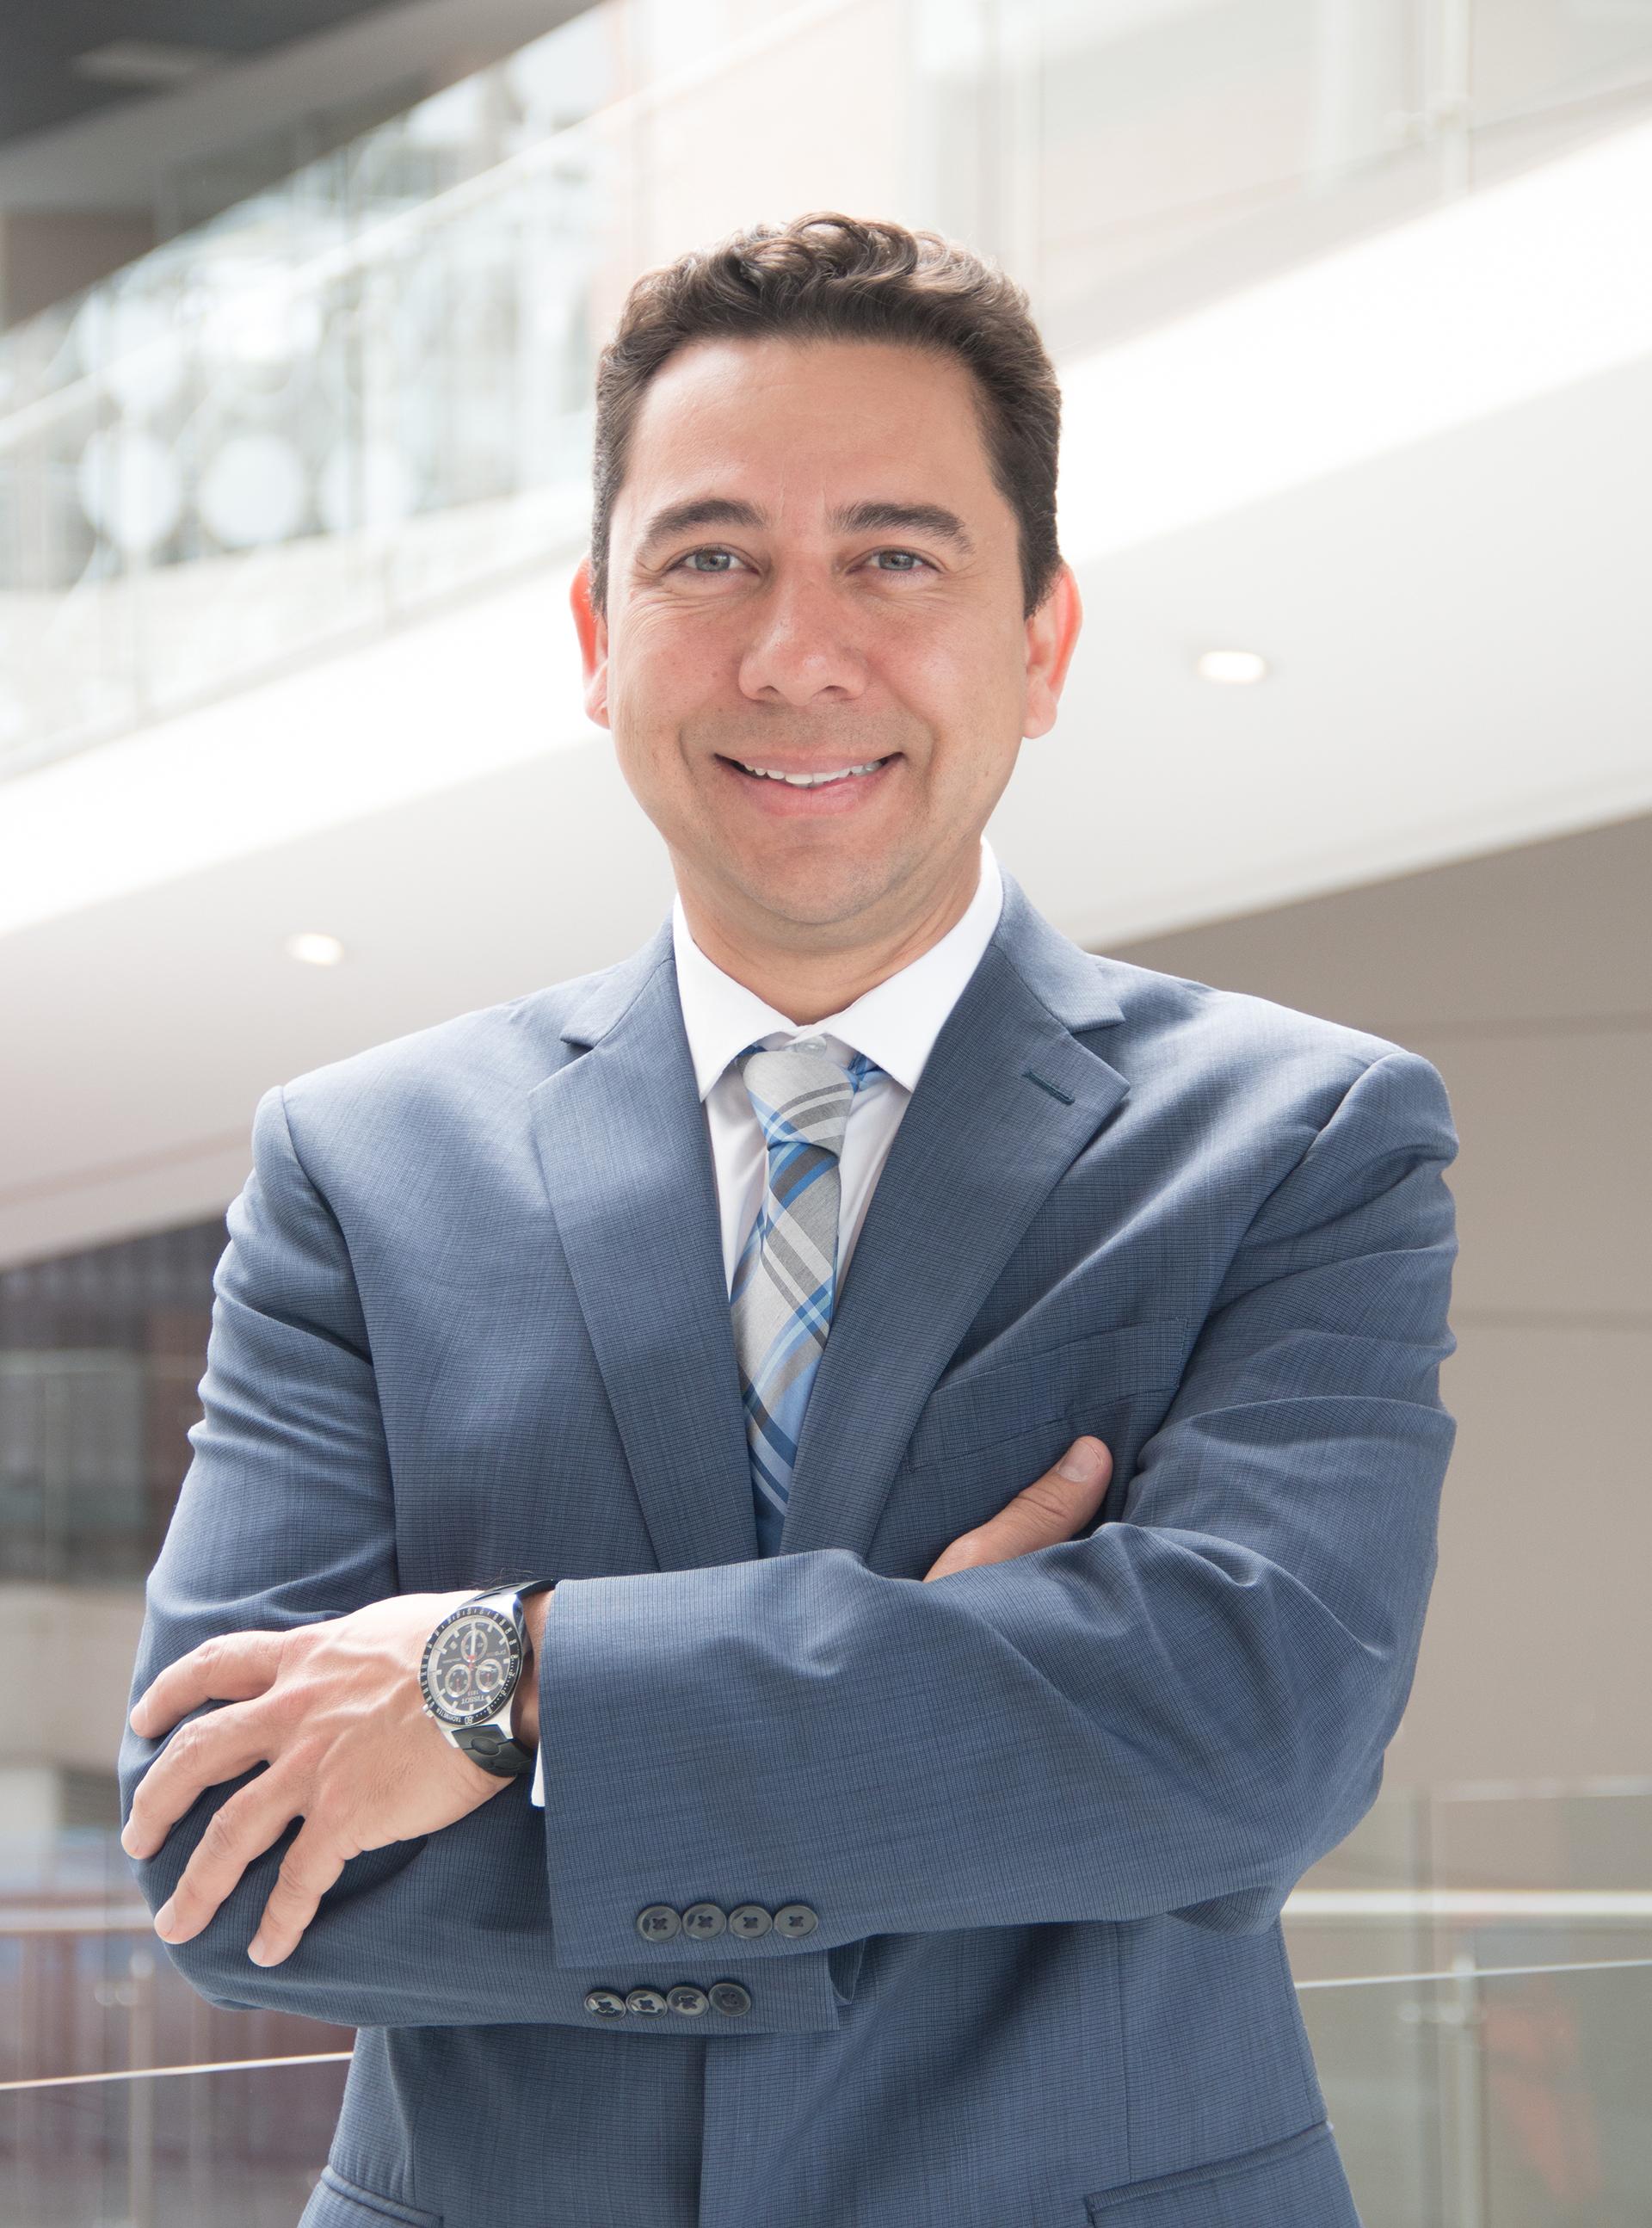 Víctor García Perdomo, profesor de la Universidad de la Sabana en Colombia